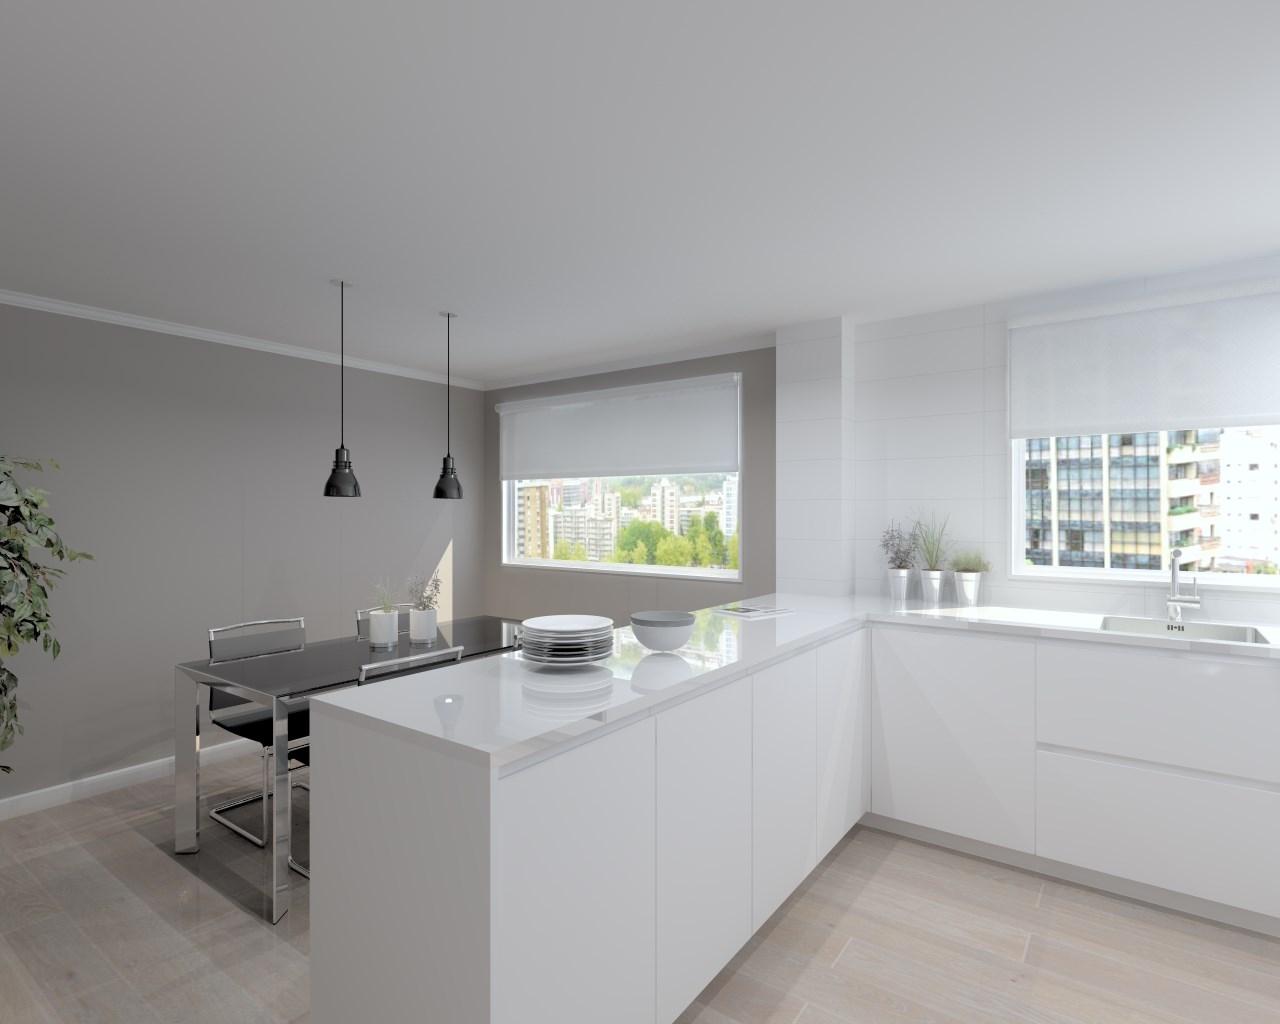 Cocina santos modelo line laminado blanco encimera silestone blanco estudio cocinas dc - Encimera cocina blanca ...